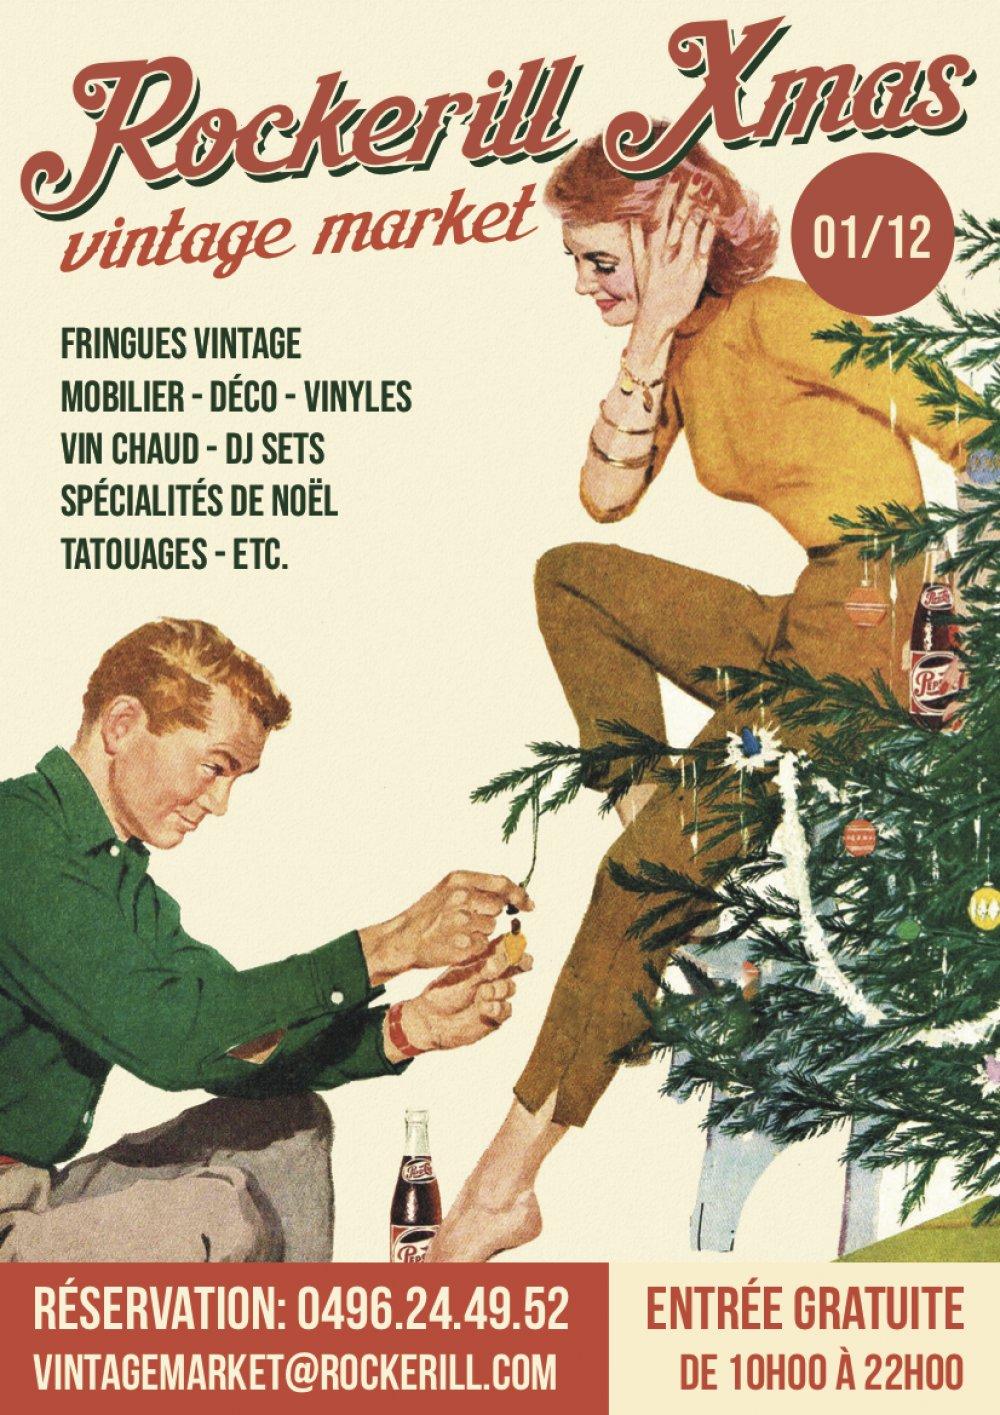 Rockerill XMas Vintage Market !